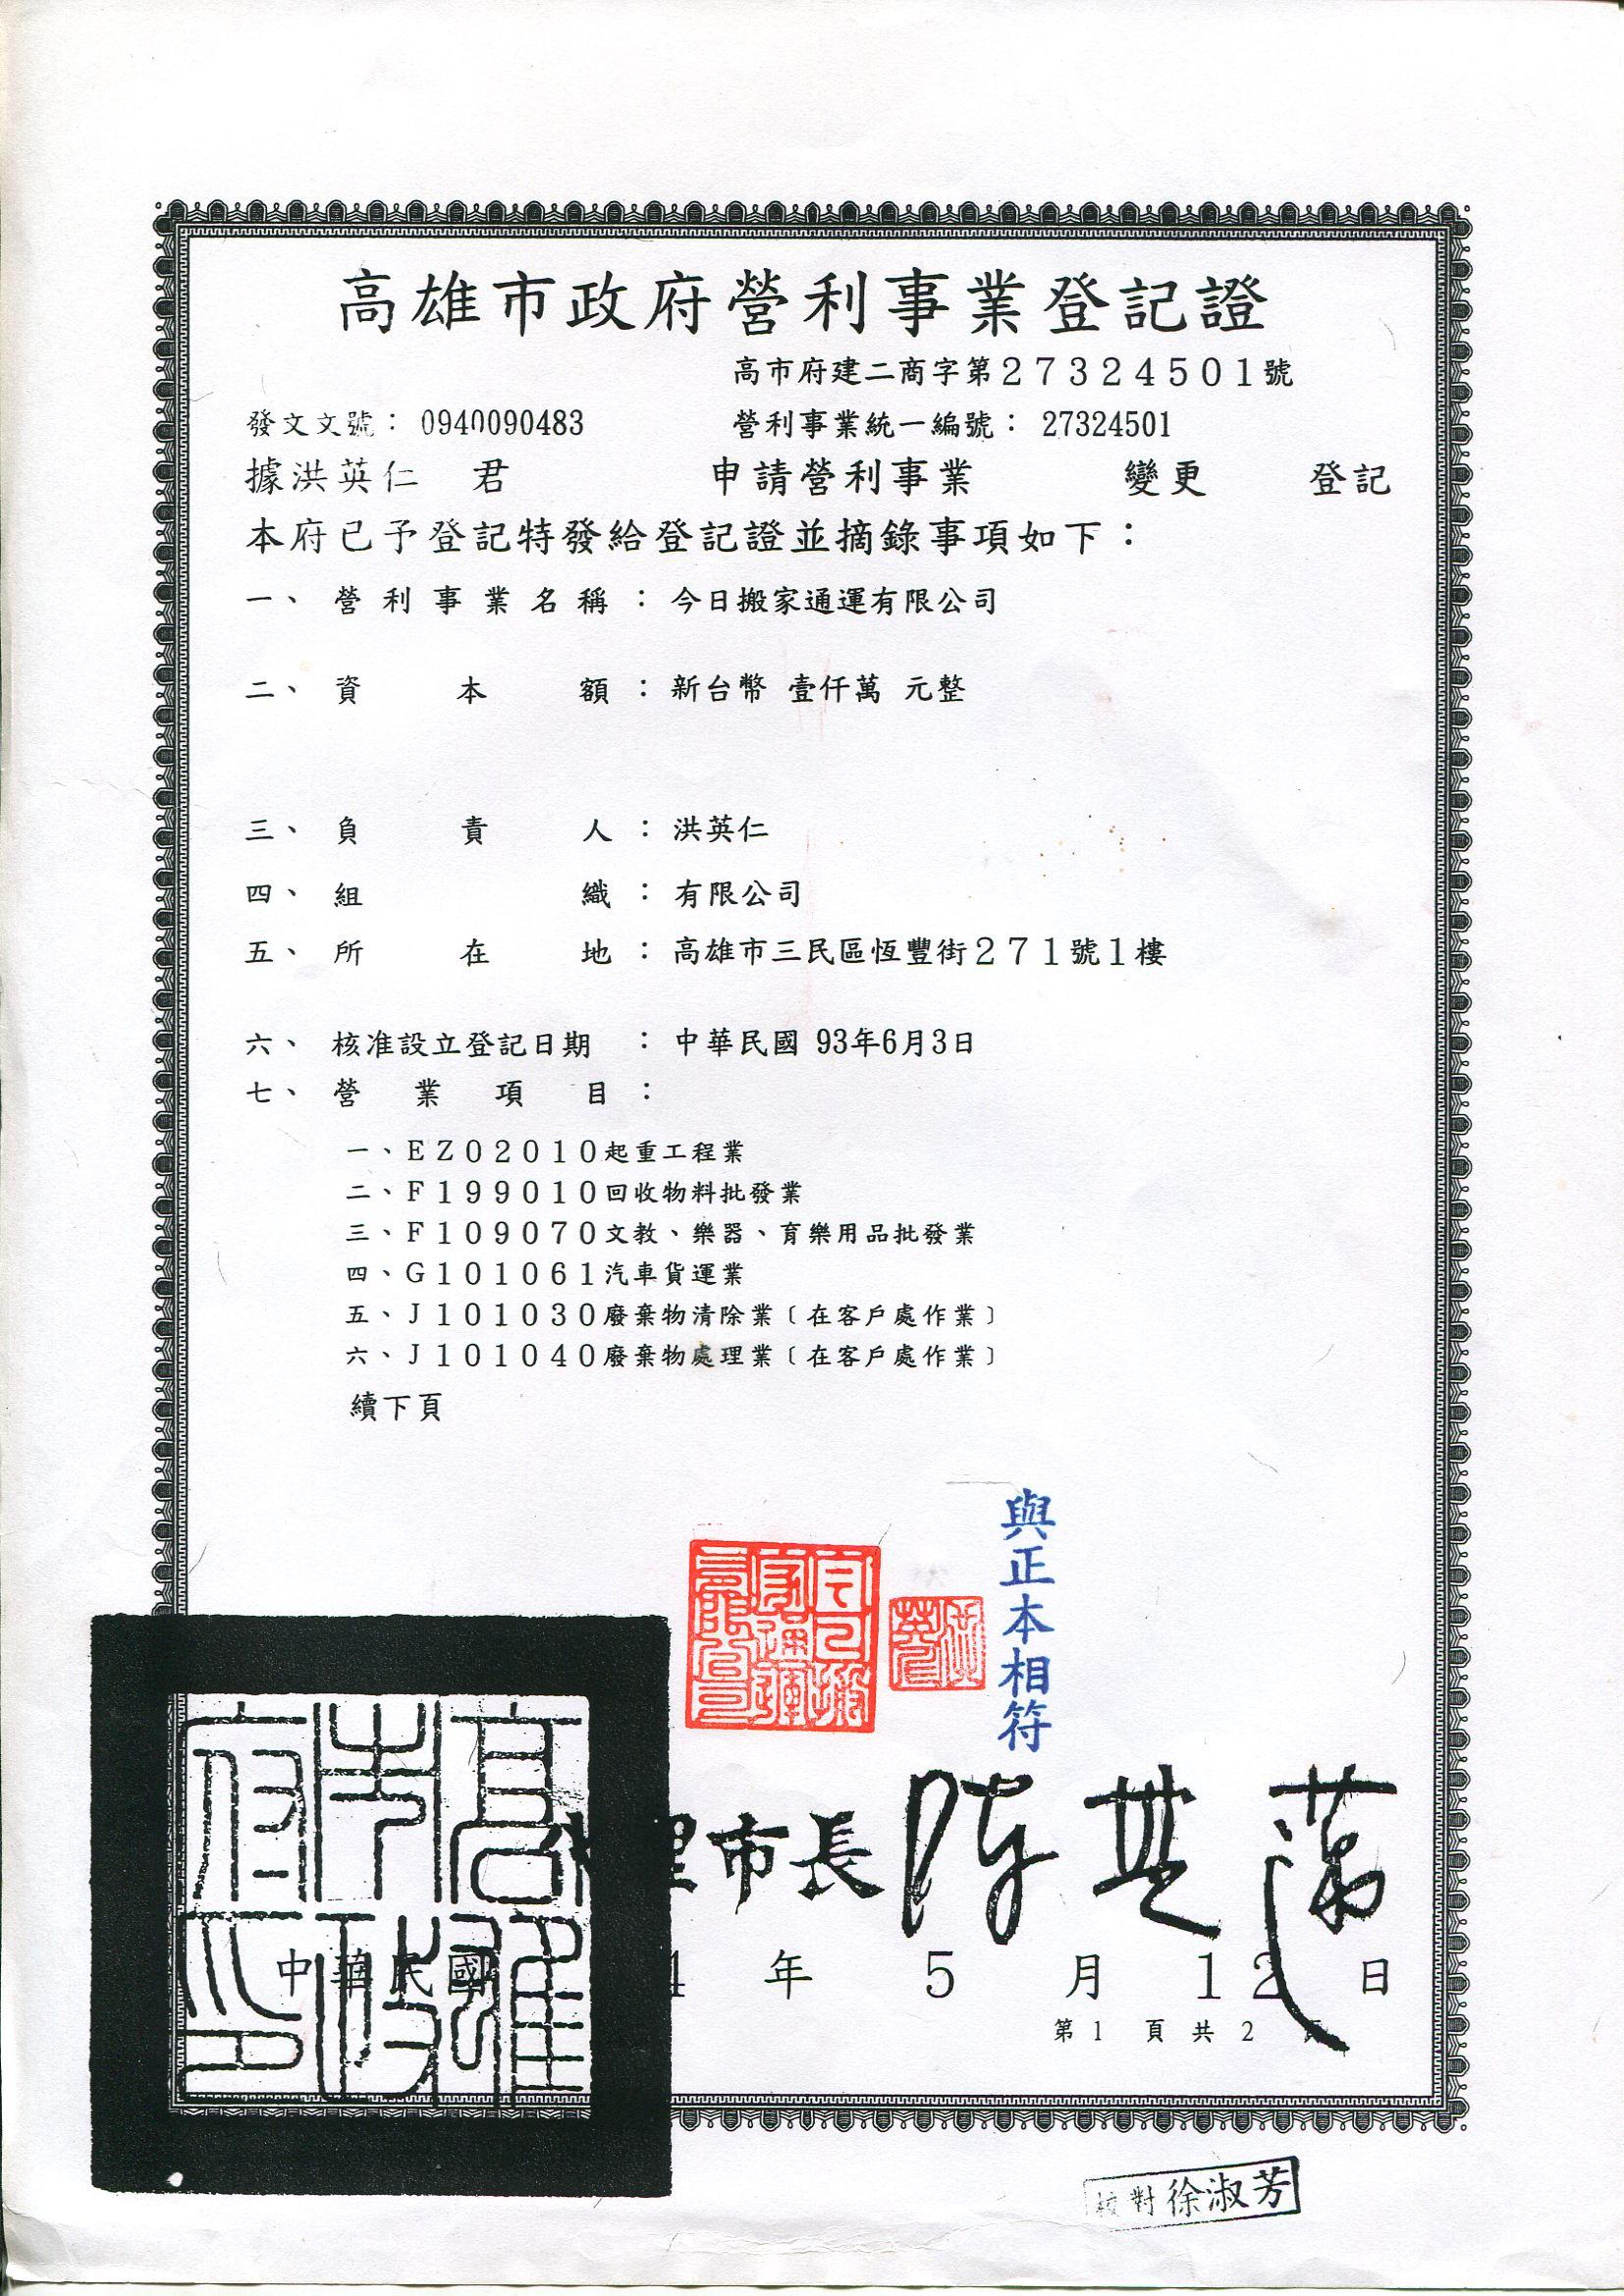 營利事業登記證.jpg